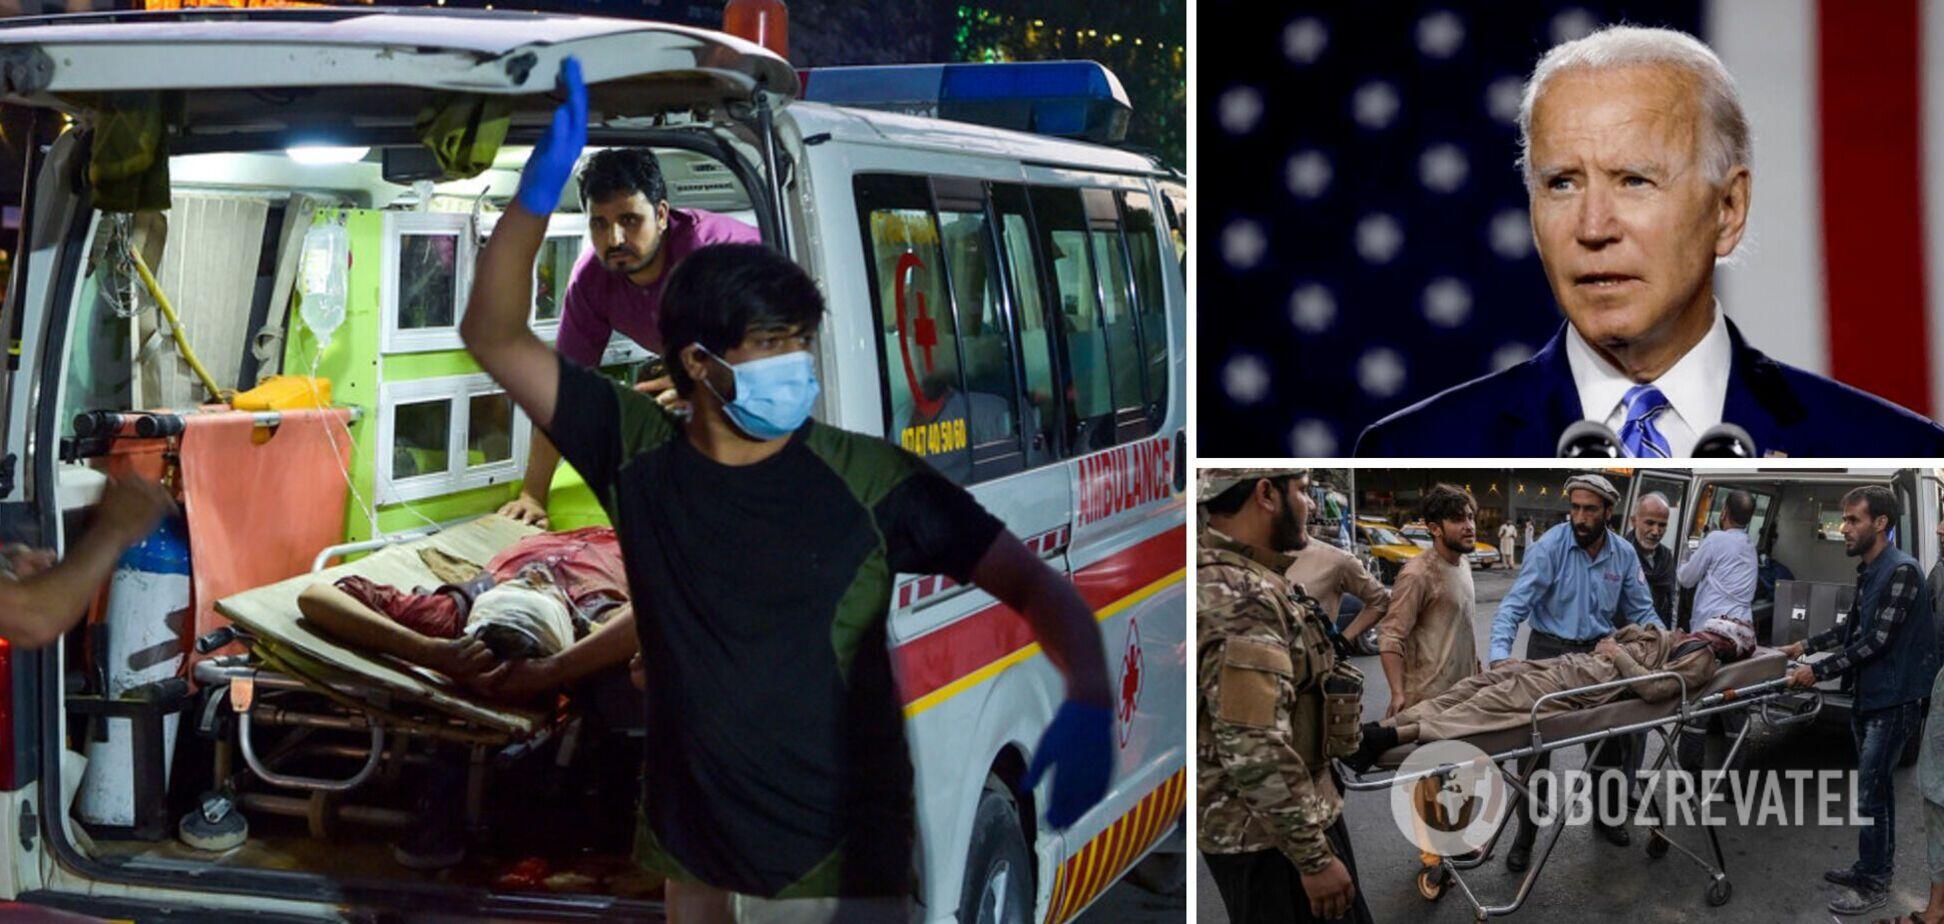 Серія вибухів у Кабулі, майже 200 загиблих і загроза нових терактів. Головне про ситуацію в Афганістані